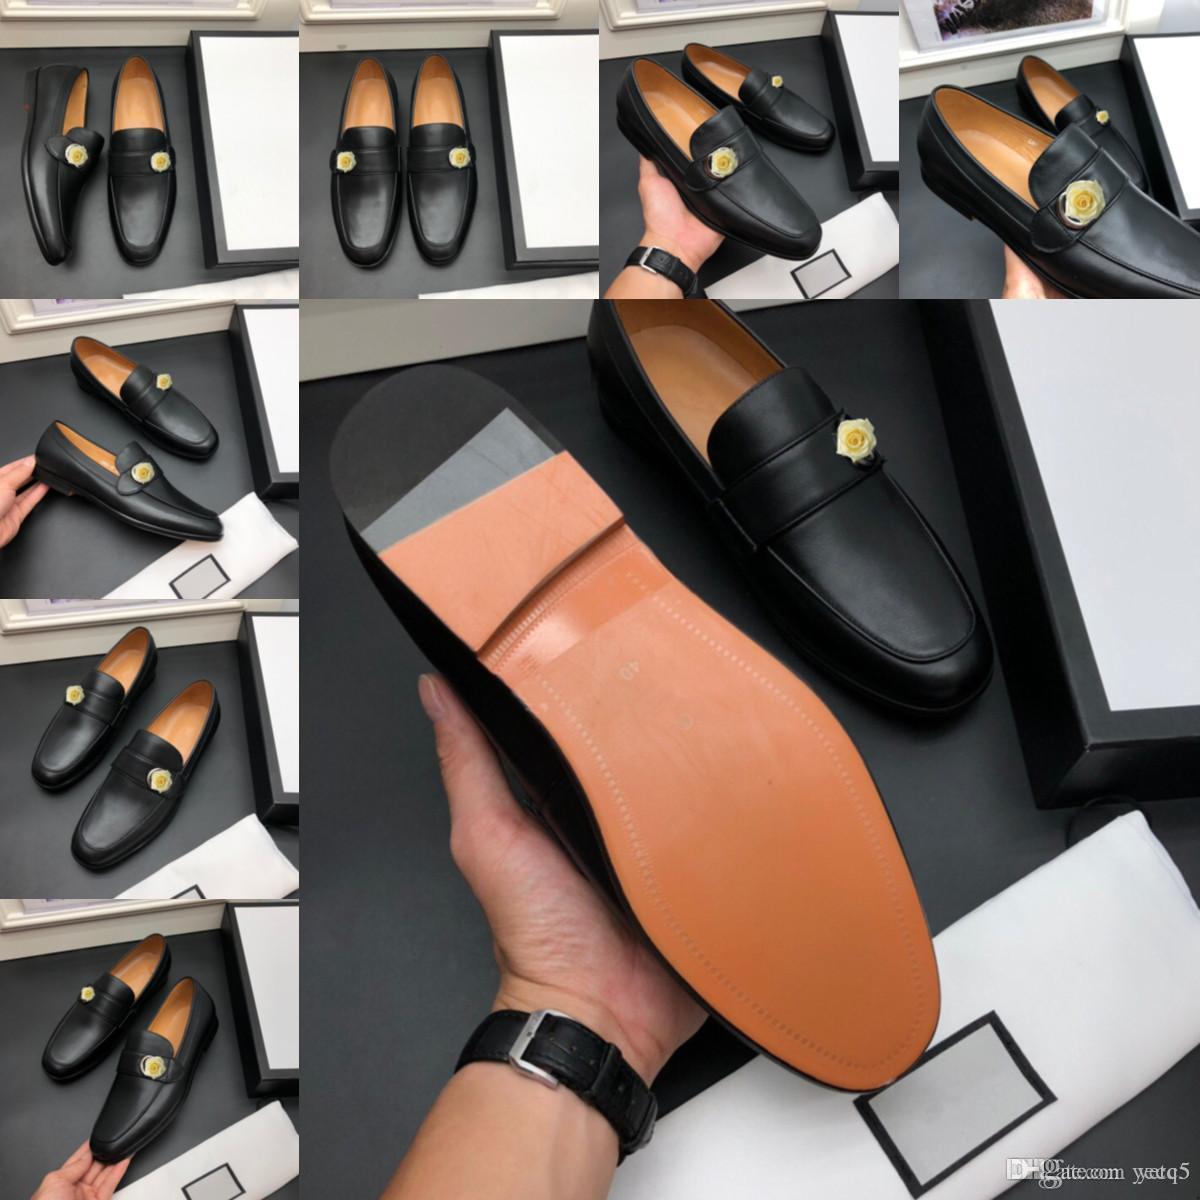 C5 Designer Designer Uomo Scarpe formali Mens Slip-on PU Shoe Leather Shoe Brown Black Band Elastic Band Uomo Vestito di Lusso Scarpe da ufficio Scarpe da sposa Party Scarpe da sposa 22